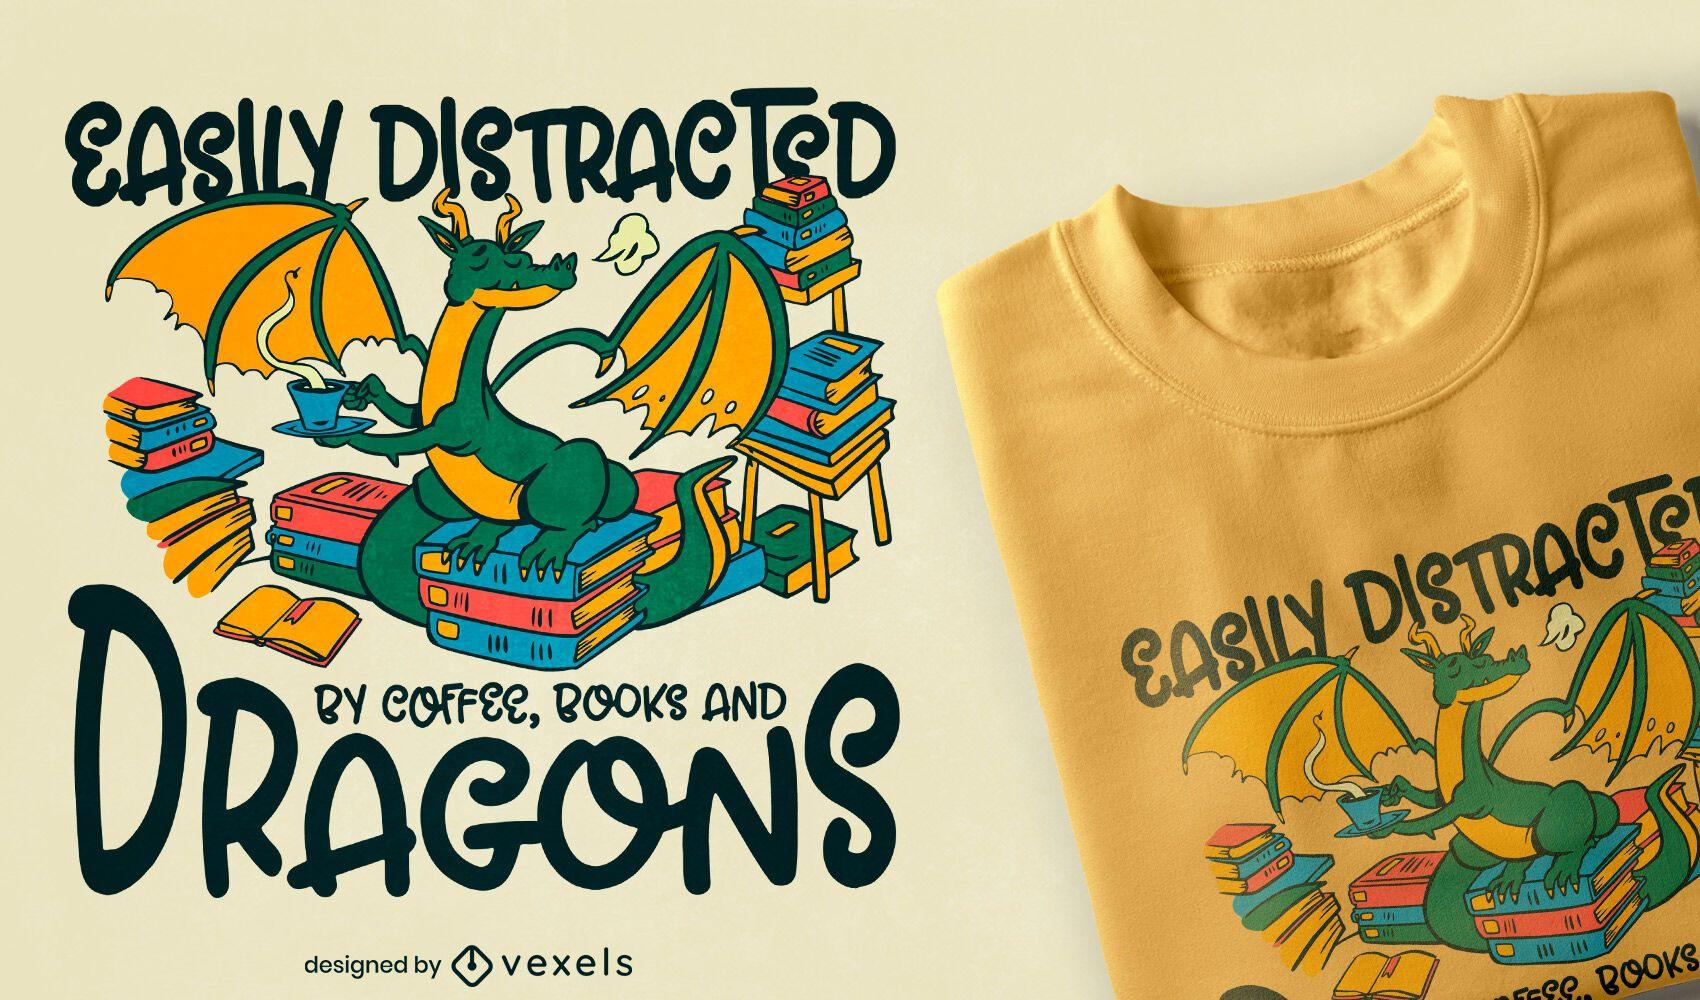 Diseño de camiseta de café y libros de dragones.